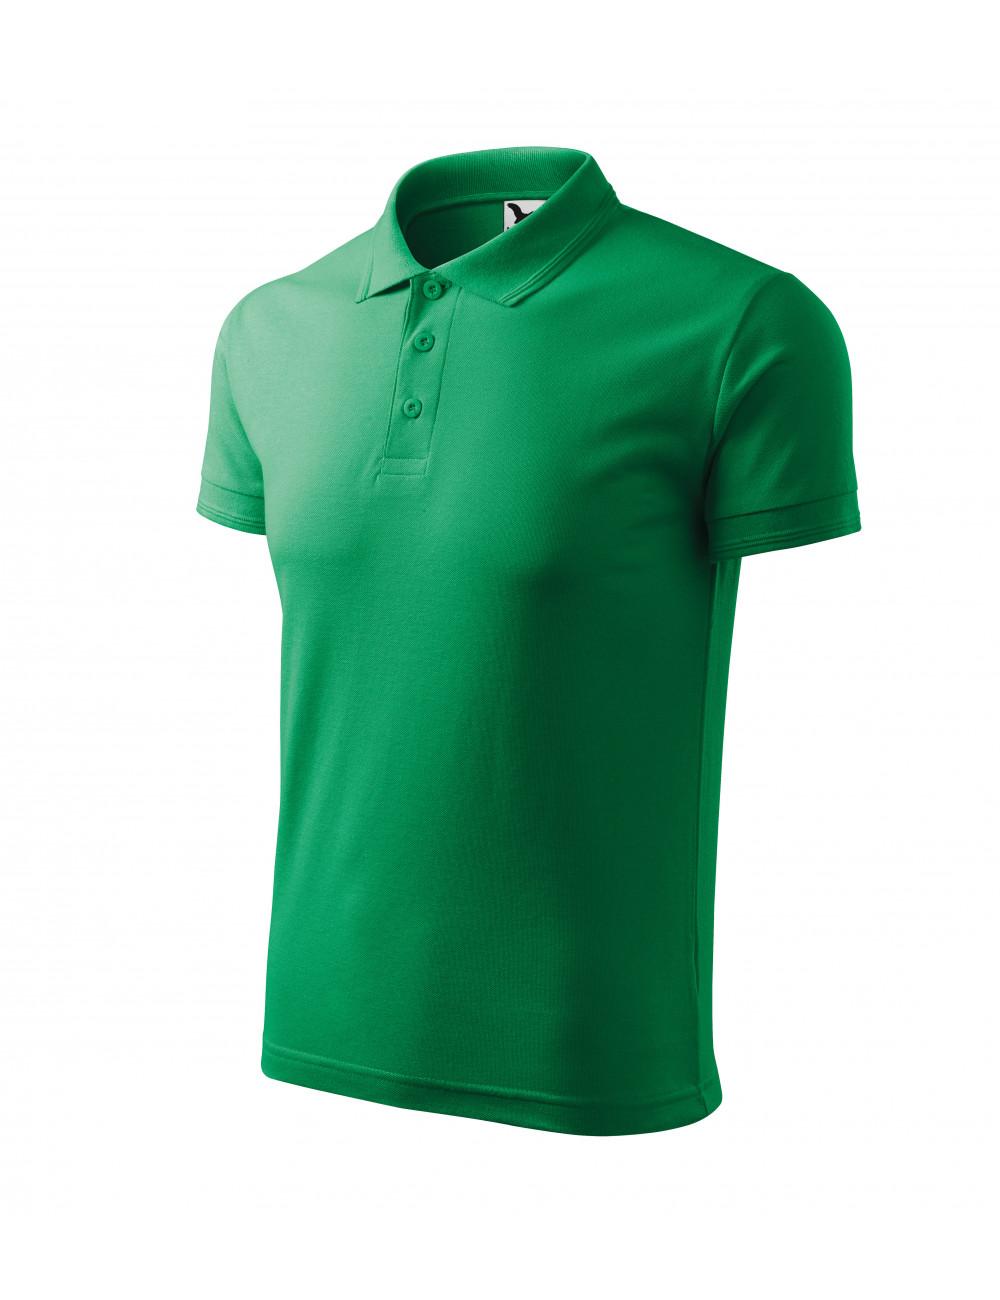 Adler MALFINI Koszulka polo męska Pique Polo 203 zieleń trawy